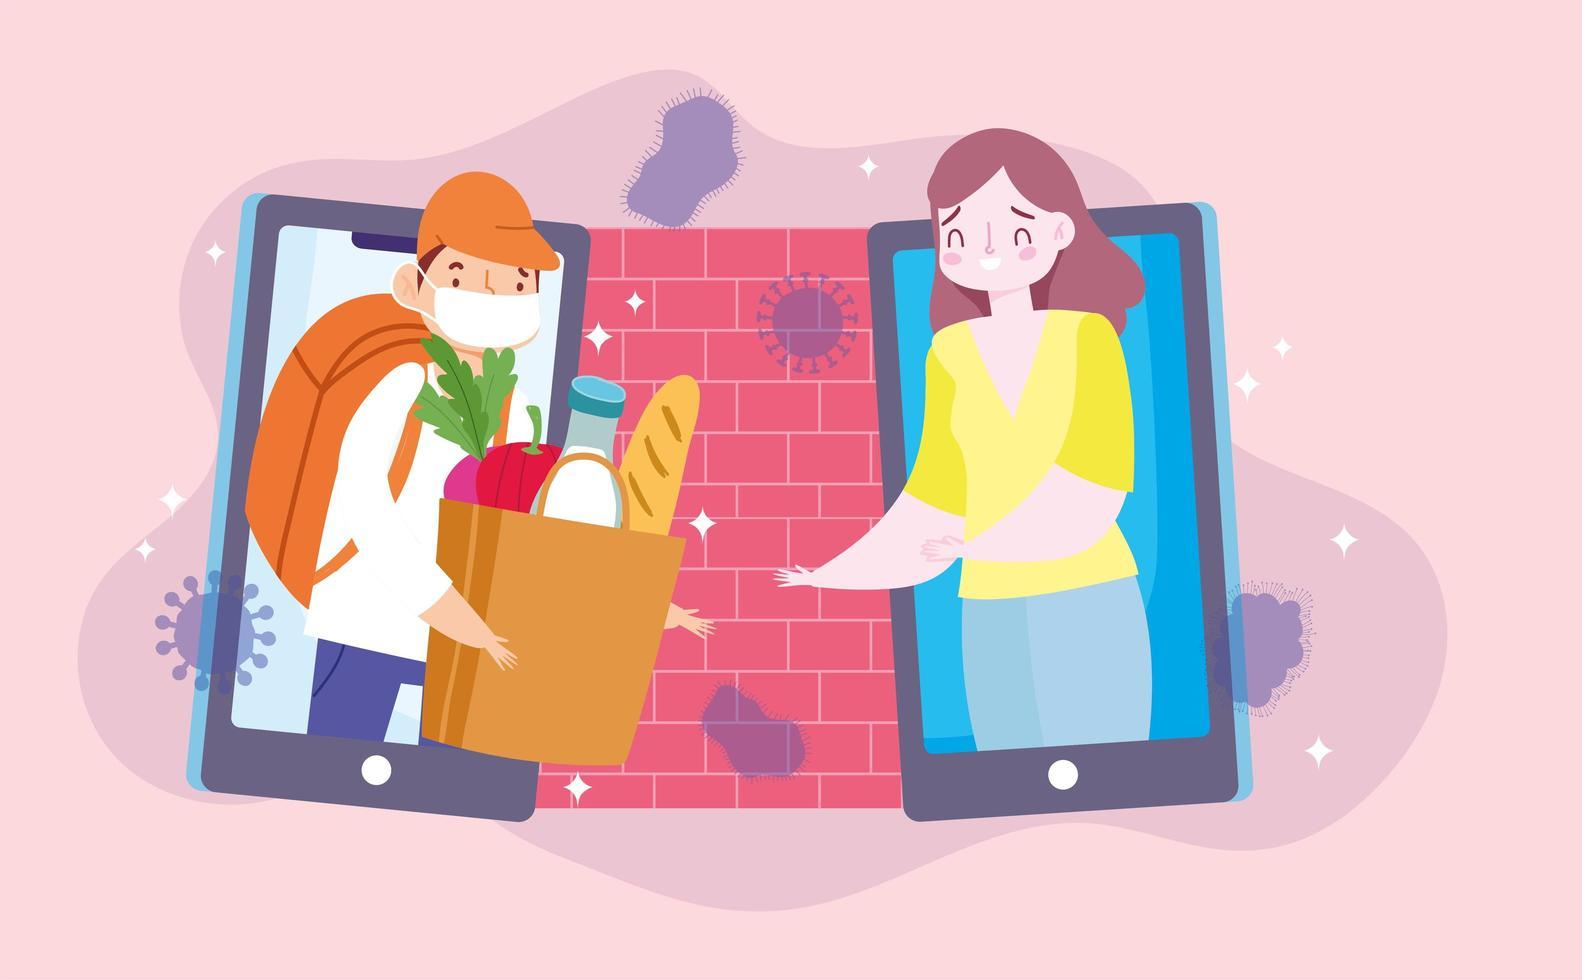 pedido de comida en línea que se entrega de forma segura en casa vector